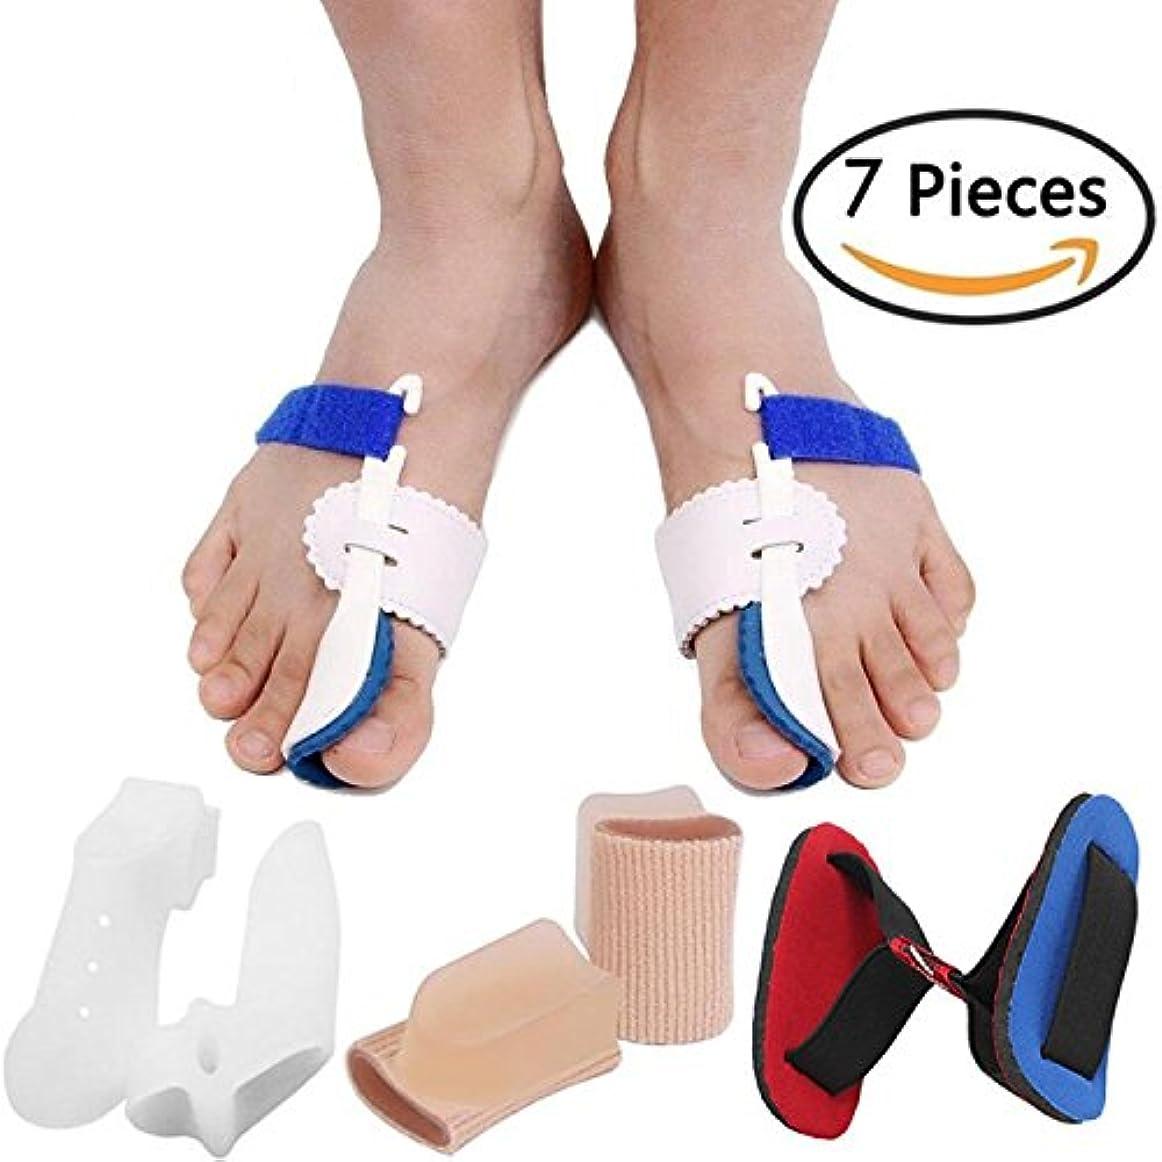 ゆるい懲らしめ排除Bunion Corrector Bunion Relief Protector Sleeves Kit, Big Toe Corrector Straightener Separator Treat Pain in Hallux...